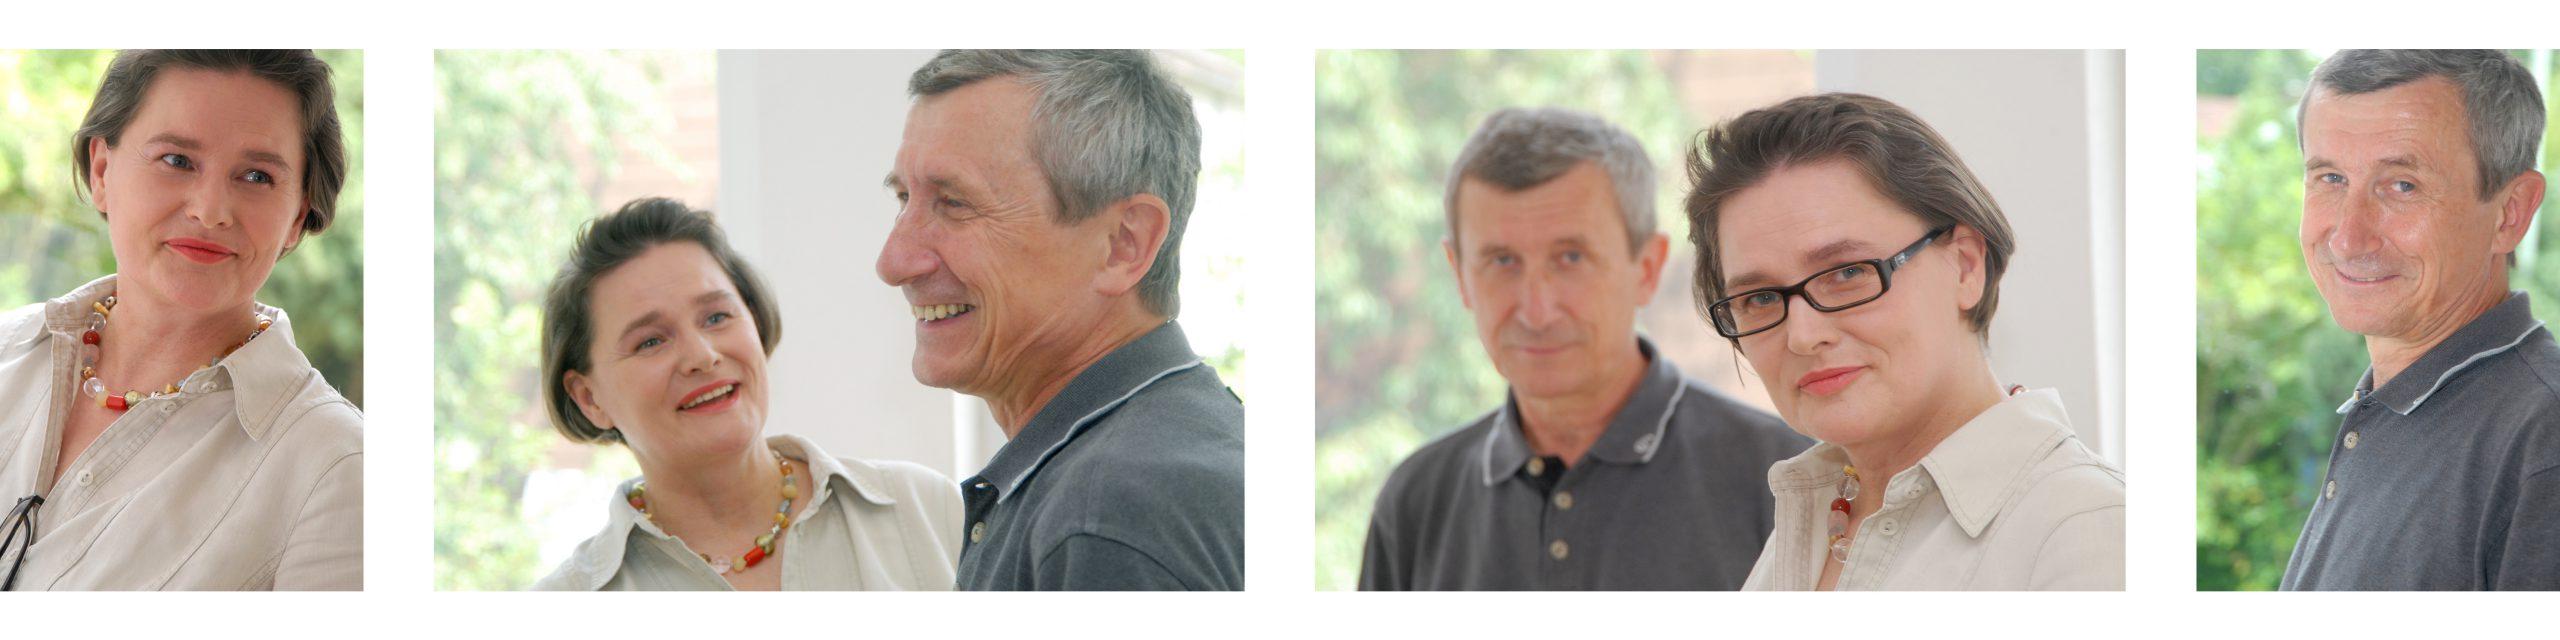 Dr. V. Wenzl-Bauer & Dr. Josef Wenzl. Allgemeinmedizinische und Diabetologische Schwerpunktpraxis